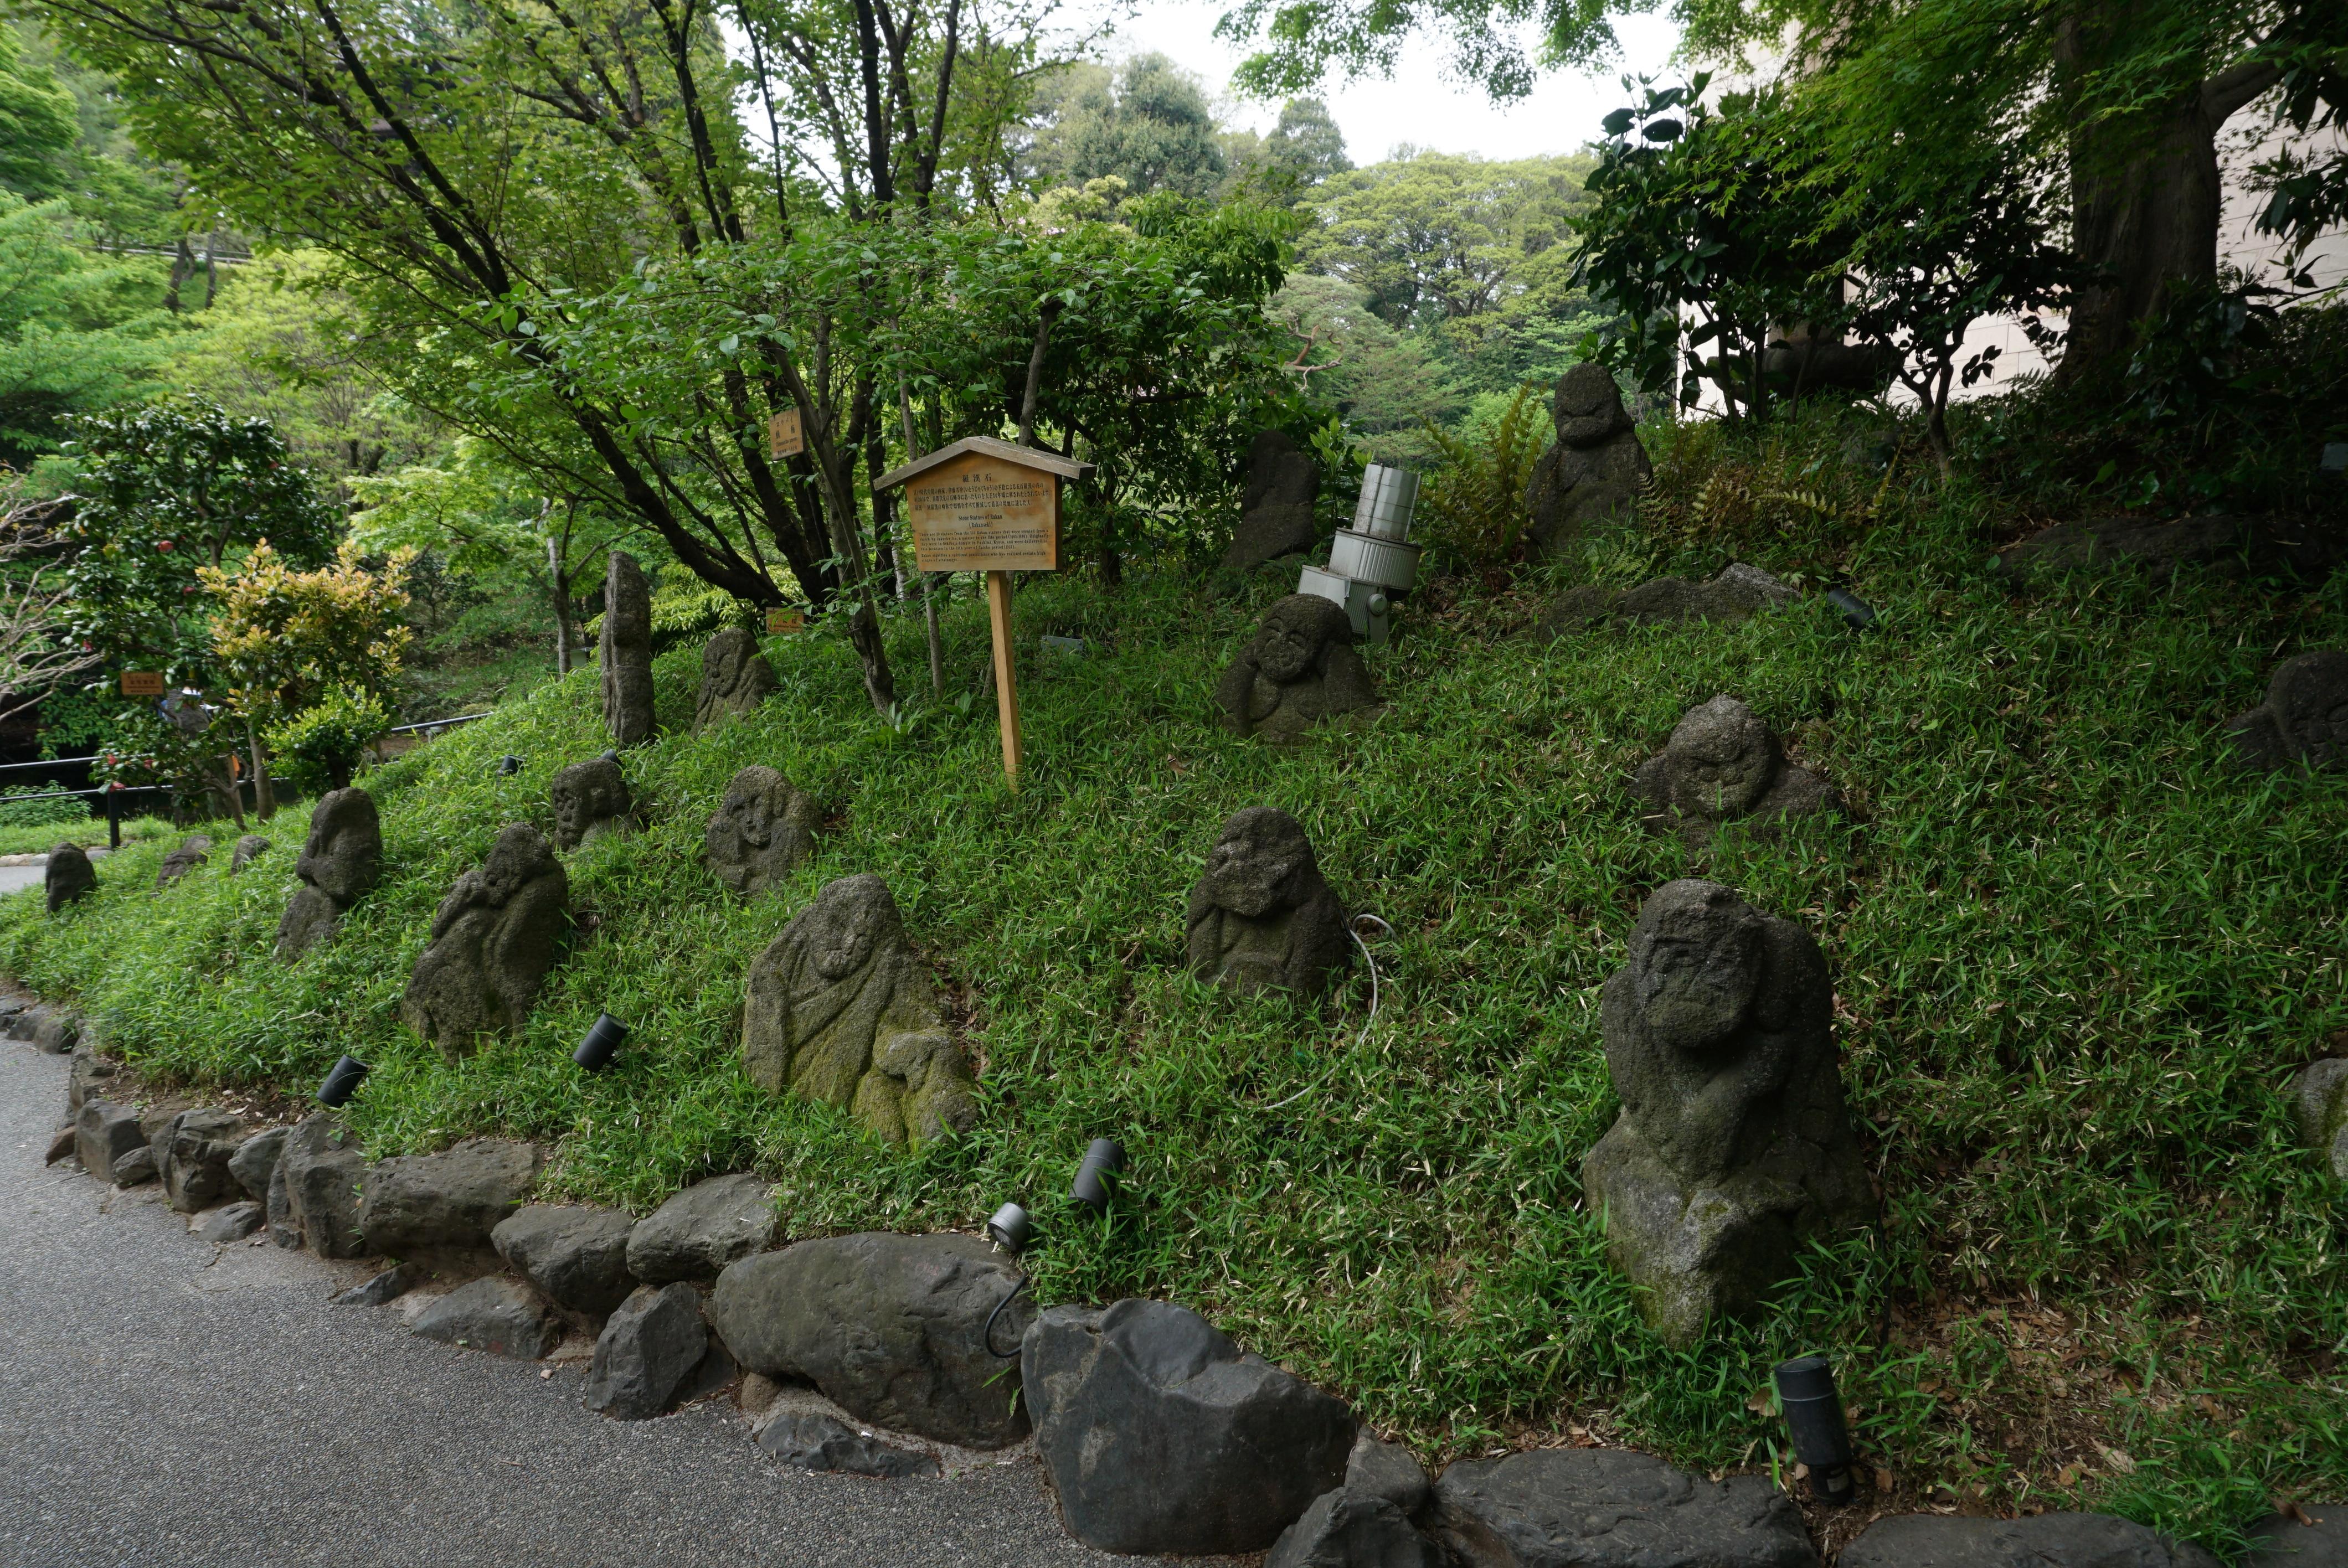 Stone Statues of Rakan